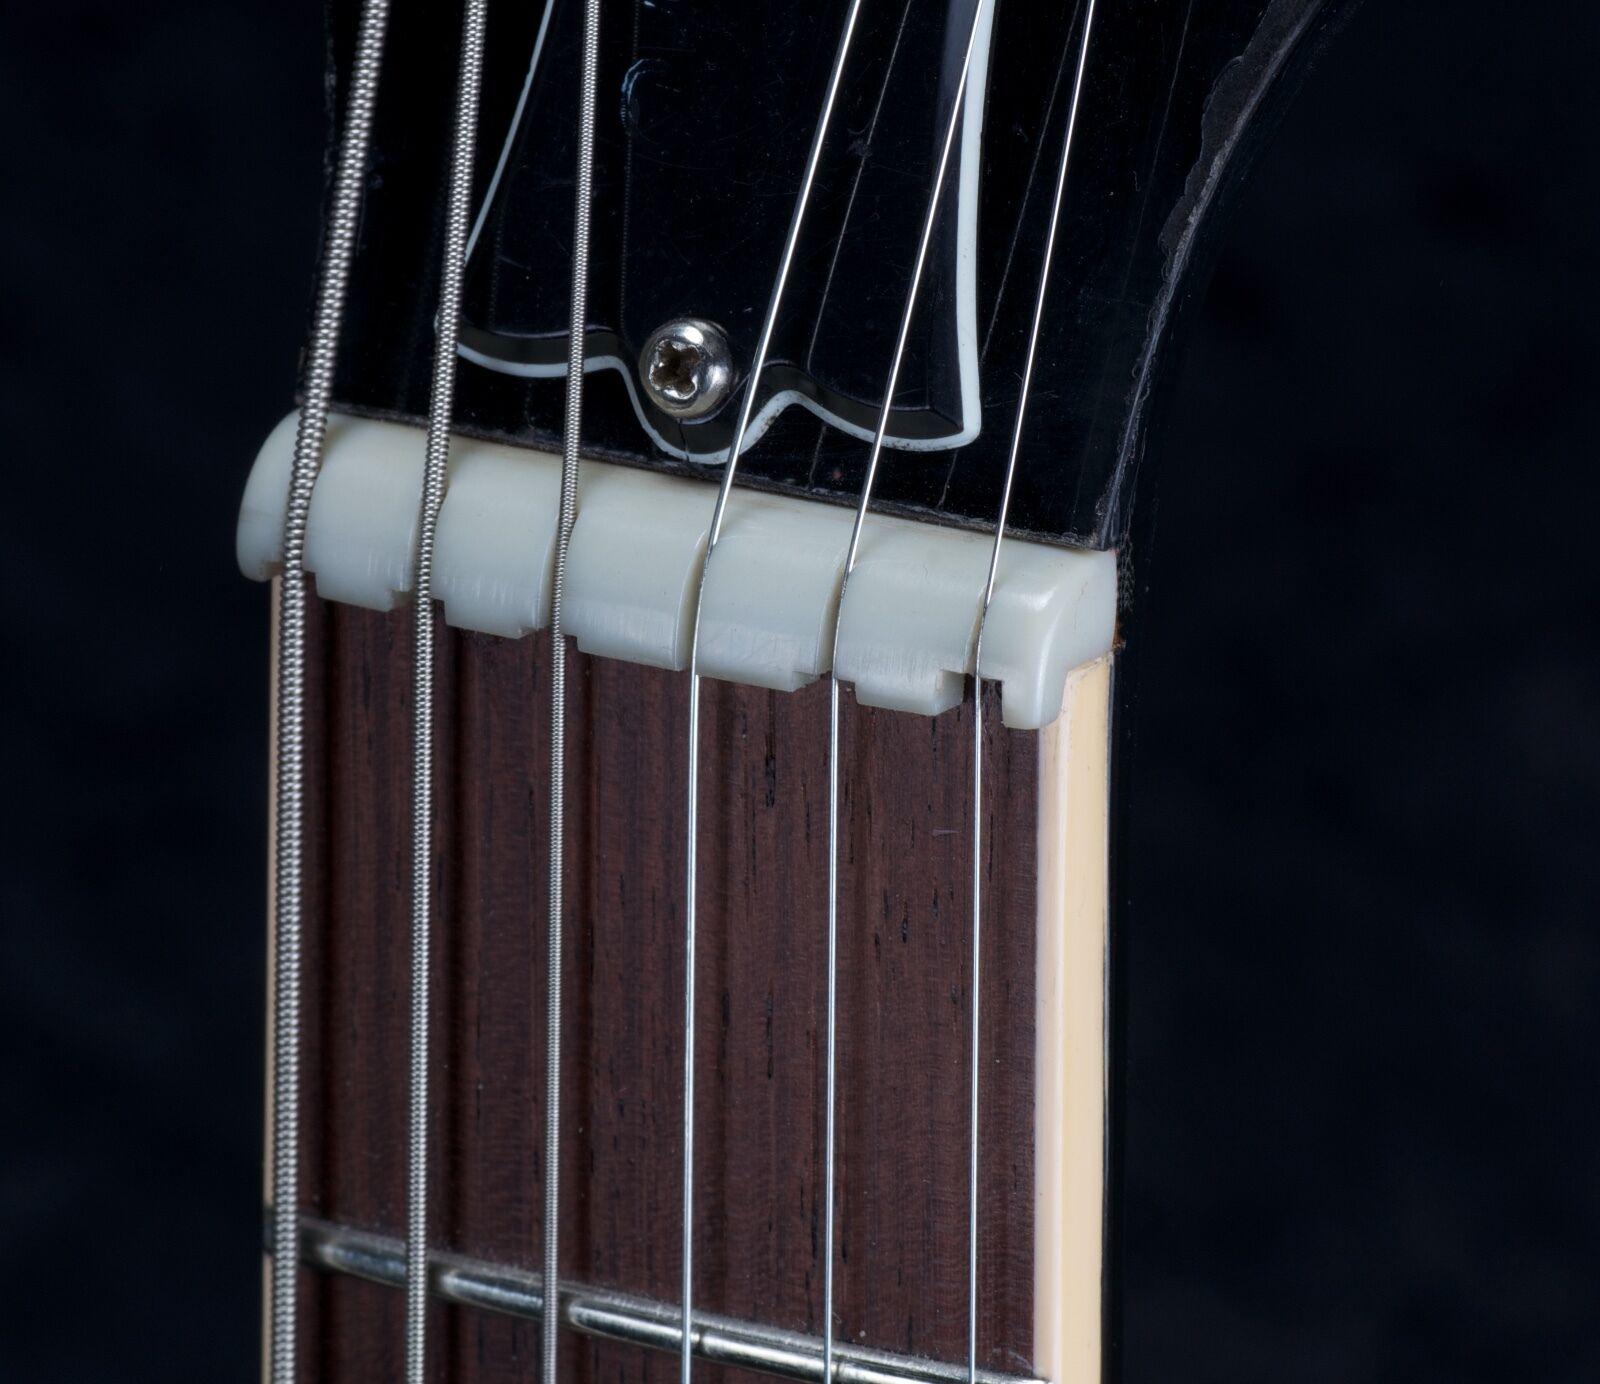 Tuerca Estante Earvana Para Gibson Gibson Gibson 1 11 16  (43mm) 299b1c